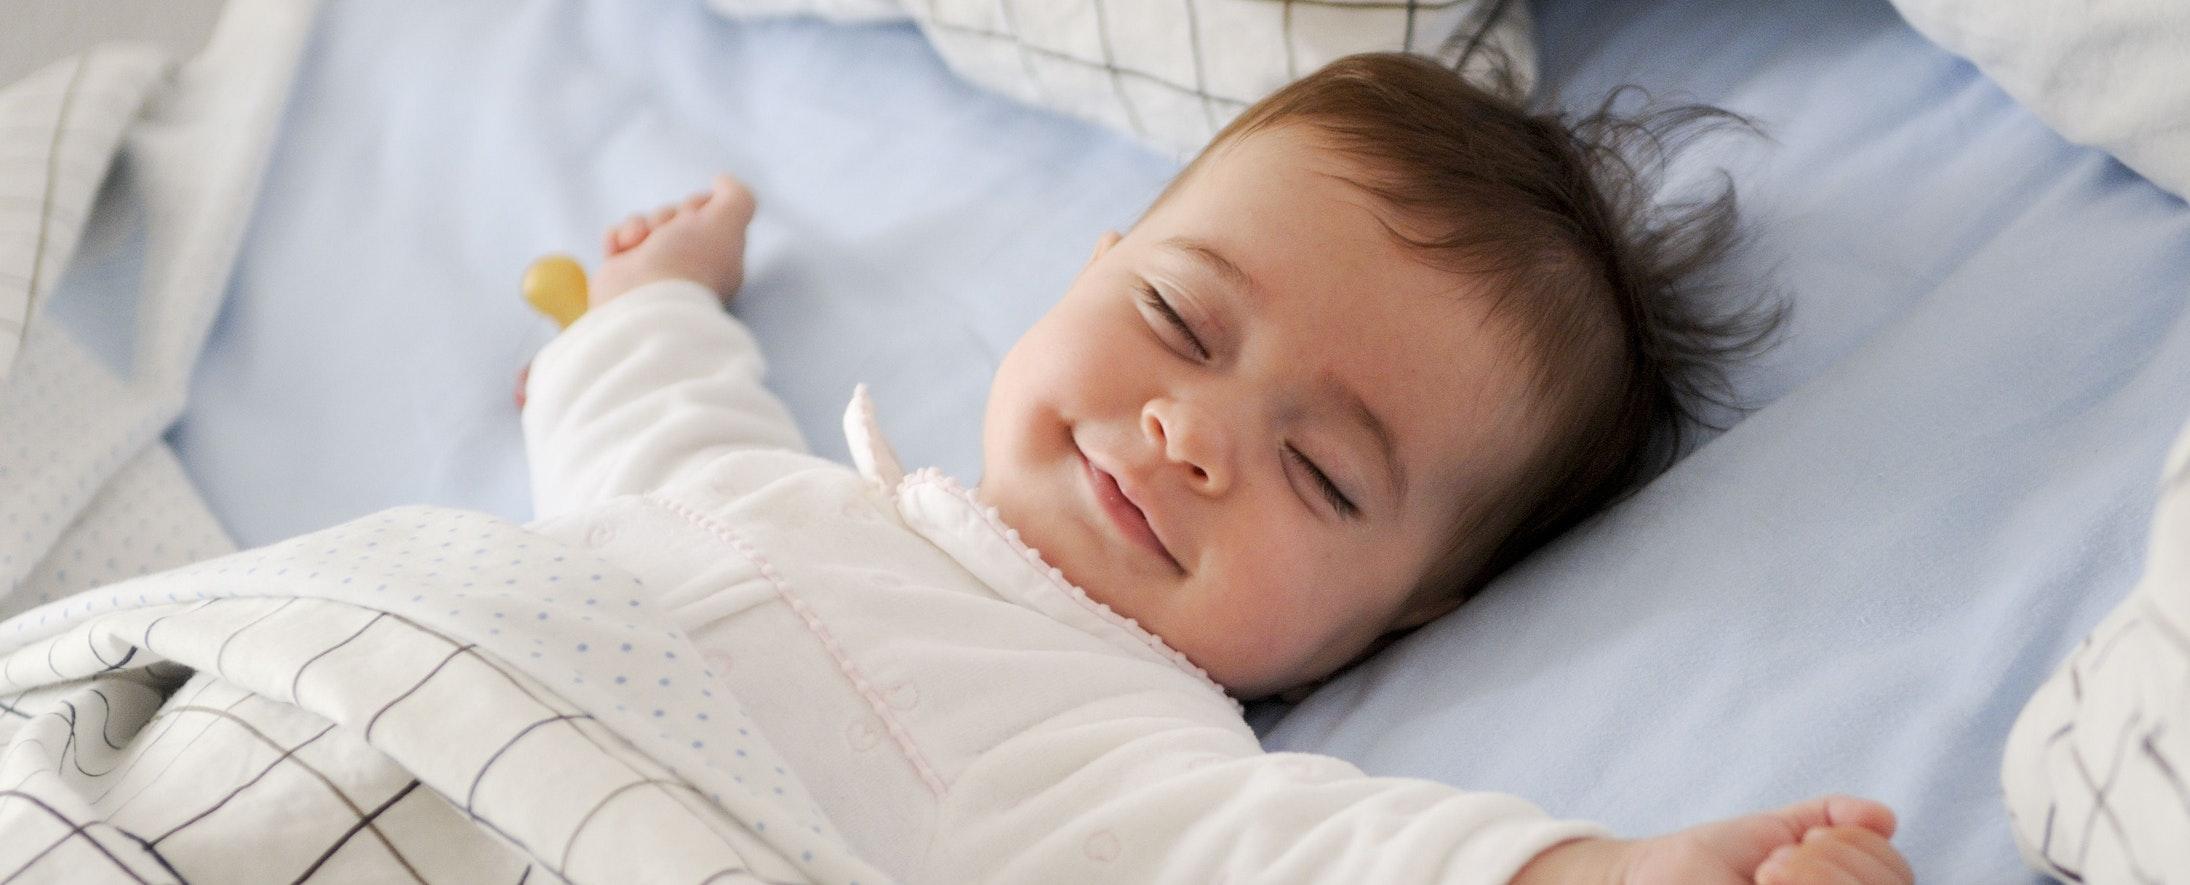 Neurodermitis-Bekleidung für Kinder